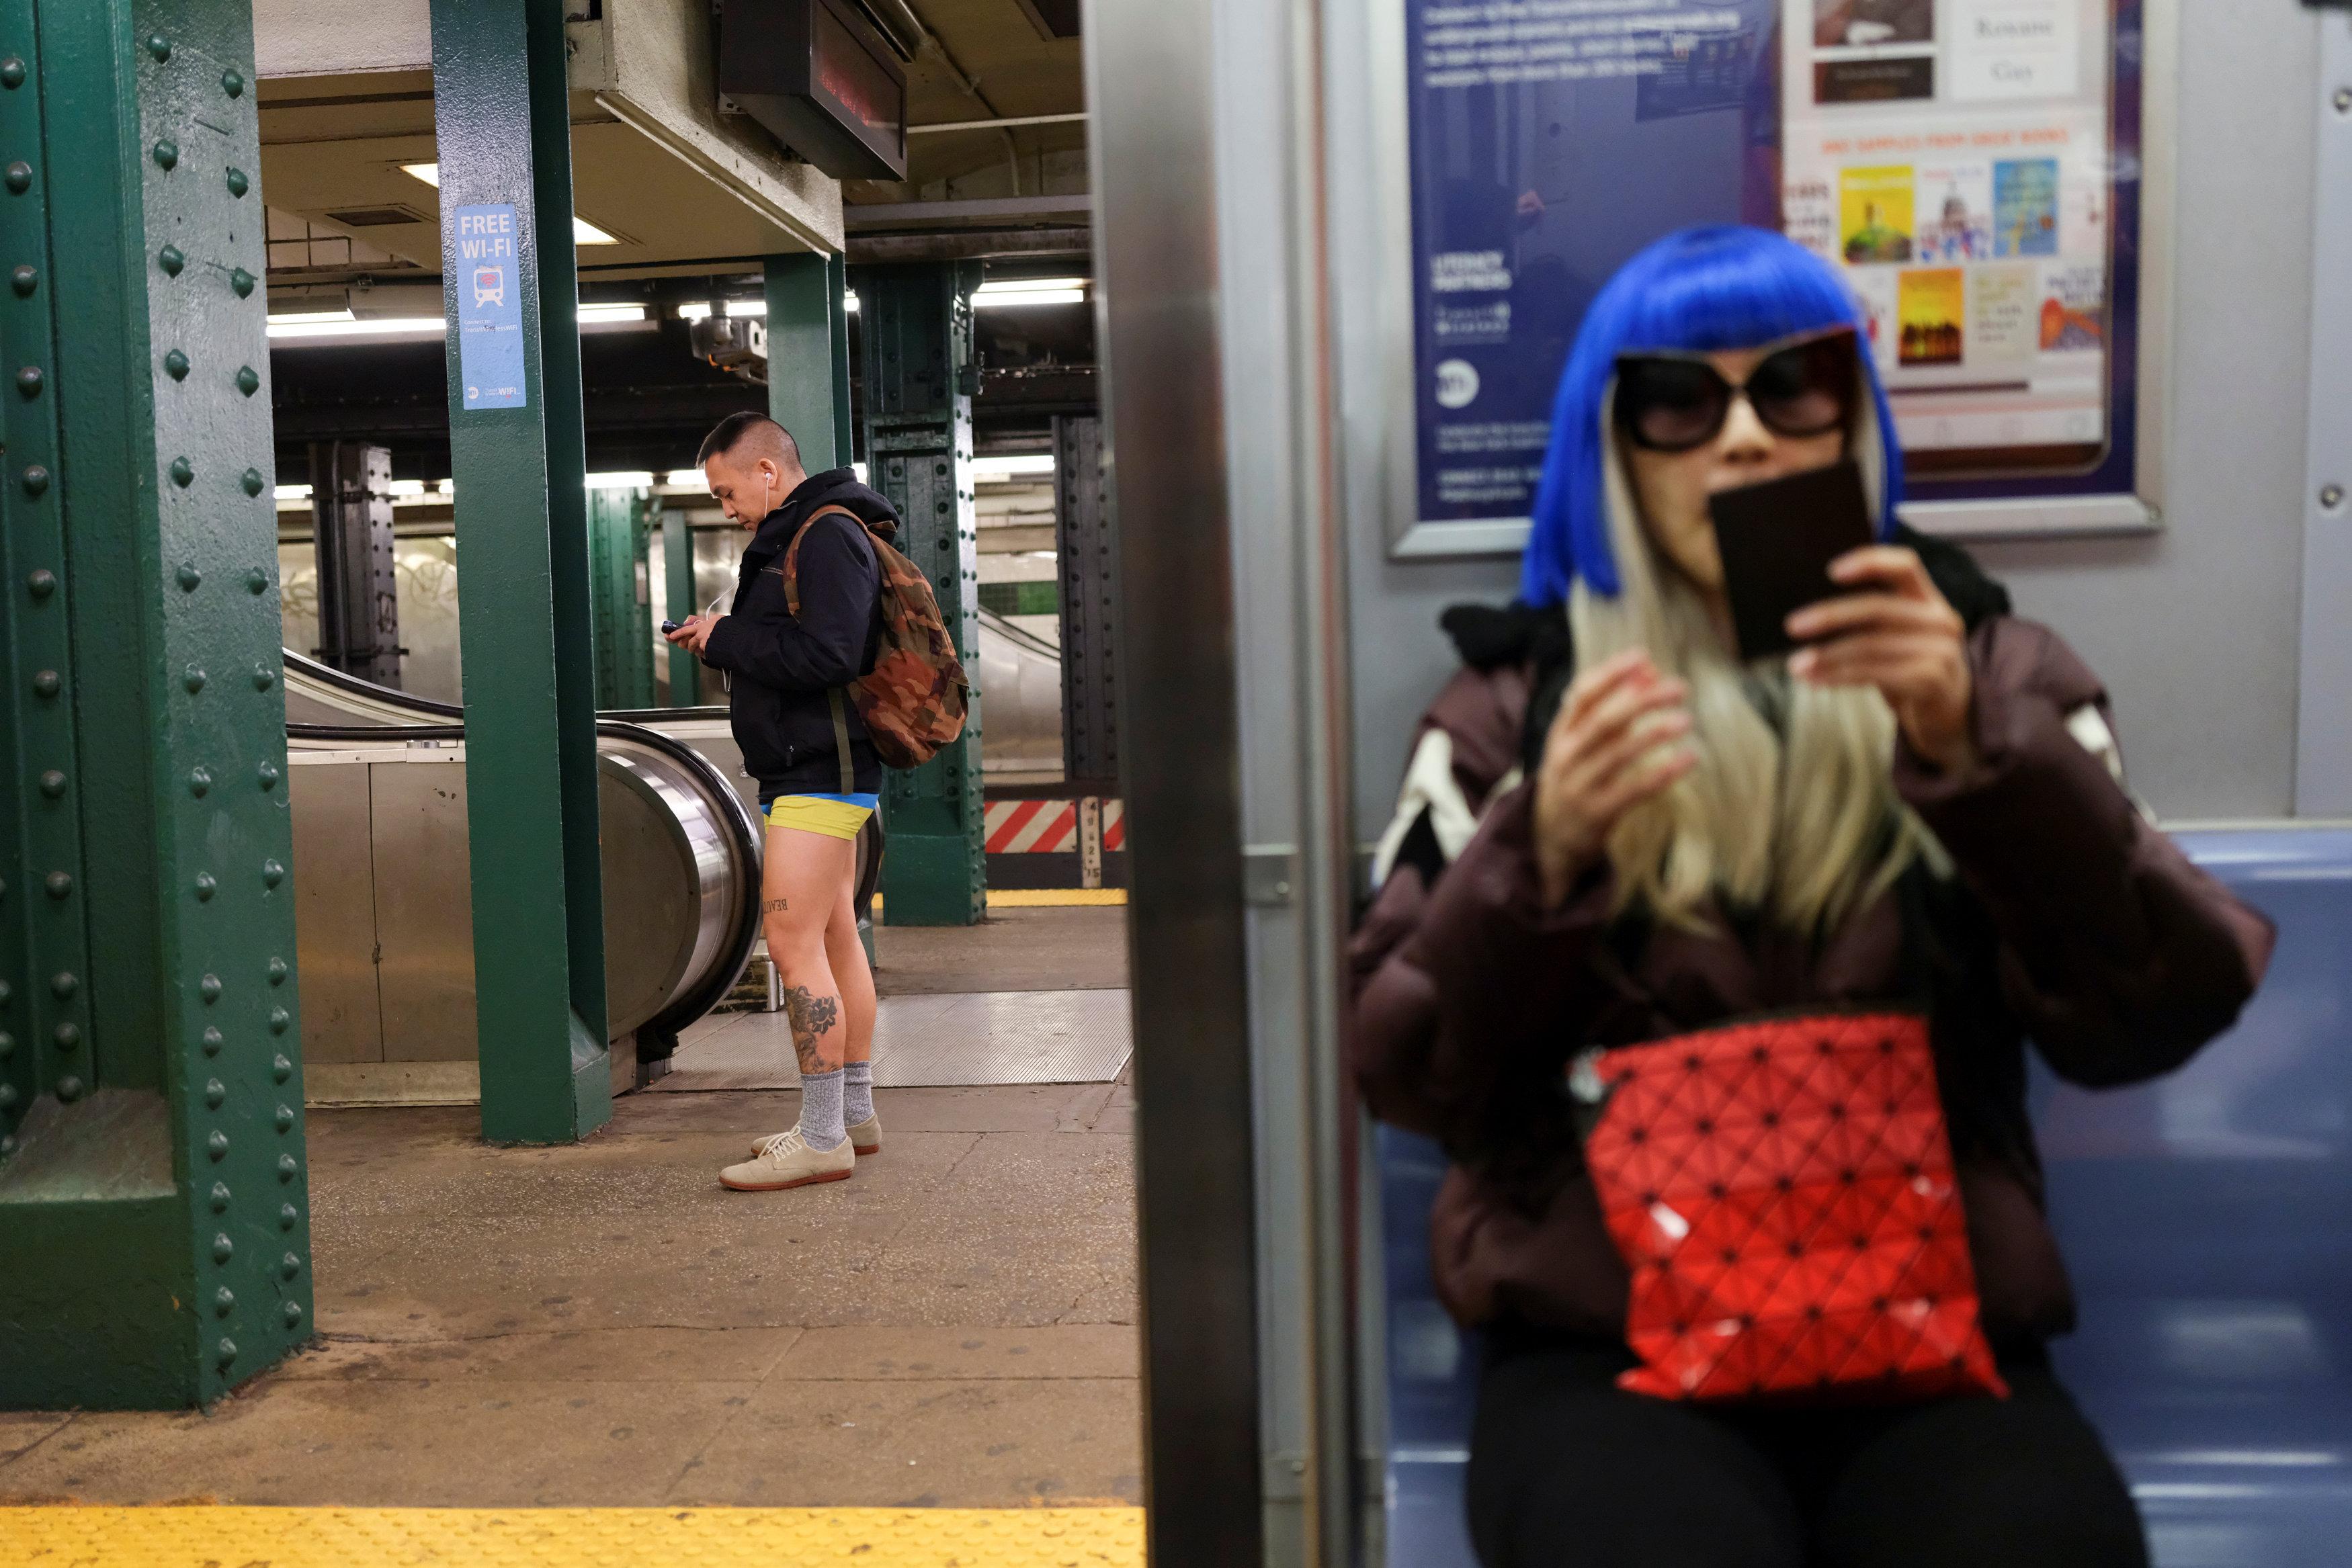 ركاب مترو نيويورك يحتفلون باليوم العالمى لخلع السروال رغم البرد (3)